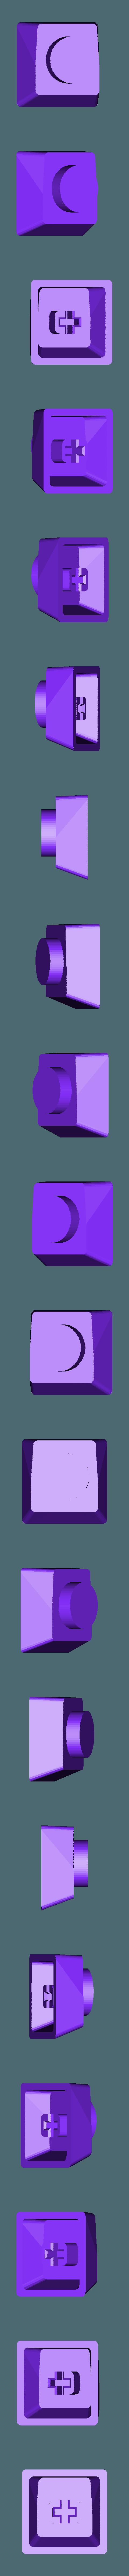 Pac-Man_-_Big_Dot.stl Télécharger fichier STL gratuit Pac-Man Cherry MX Keycaps • Objet à imprimer en 3D, FedorSosnin